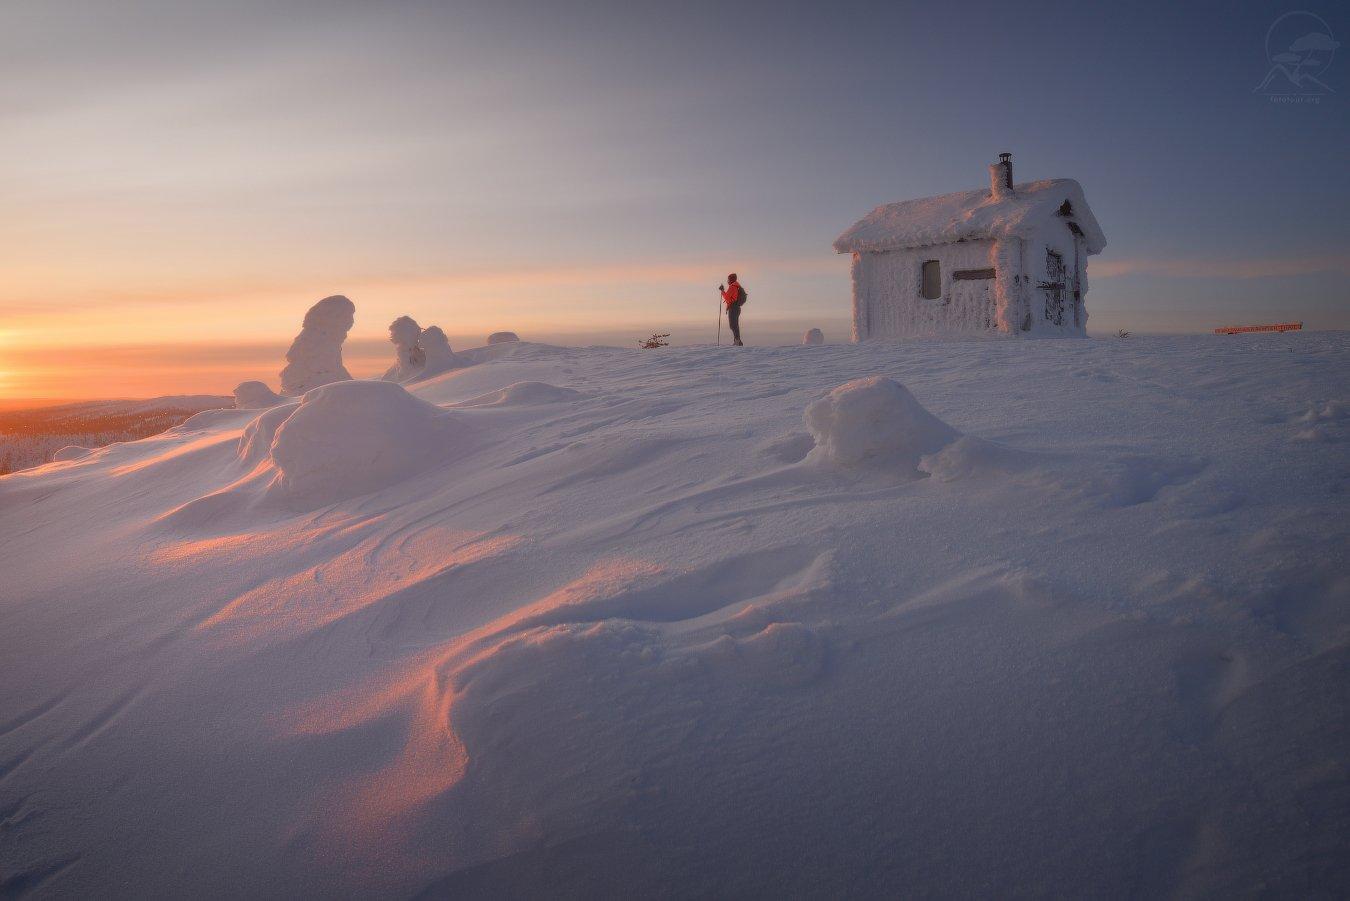 пейзаж, природа, море, финляндия, лапландия, Гордиенко Анатолий